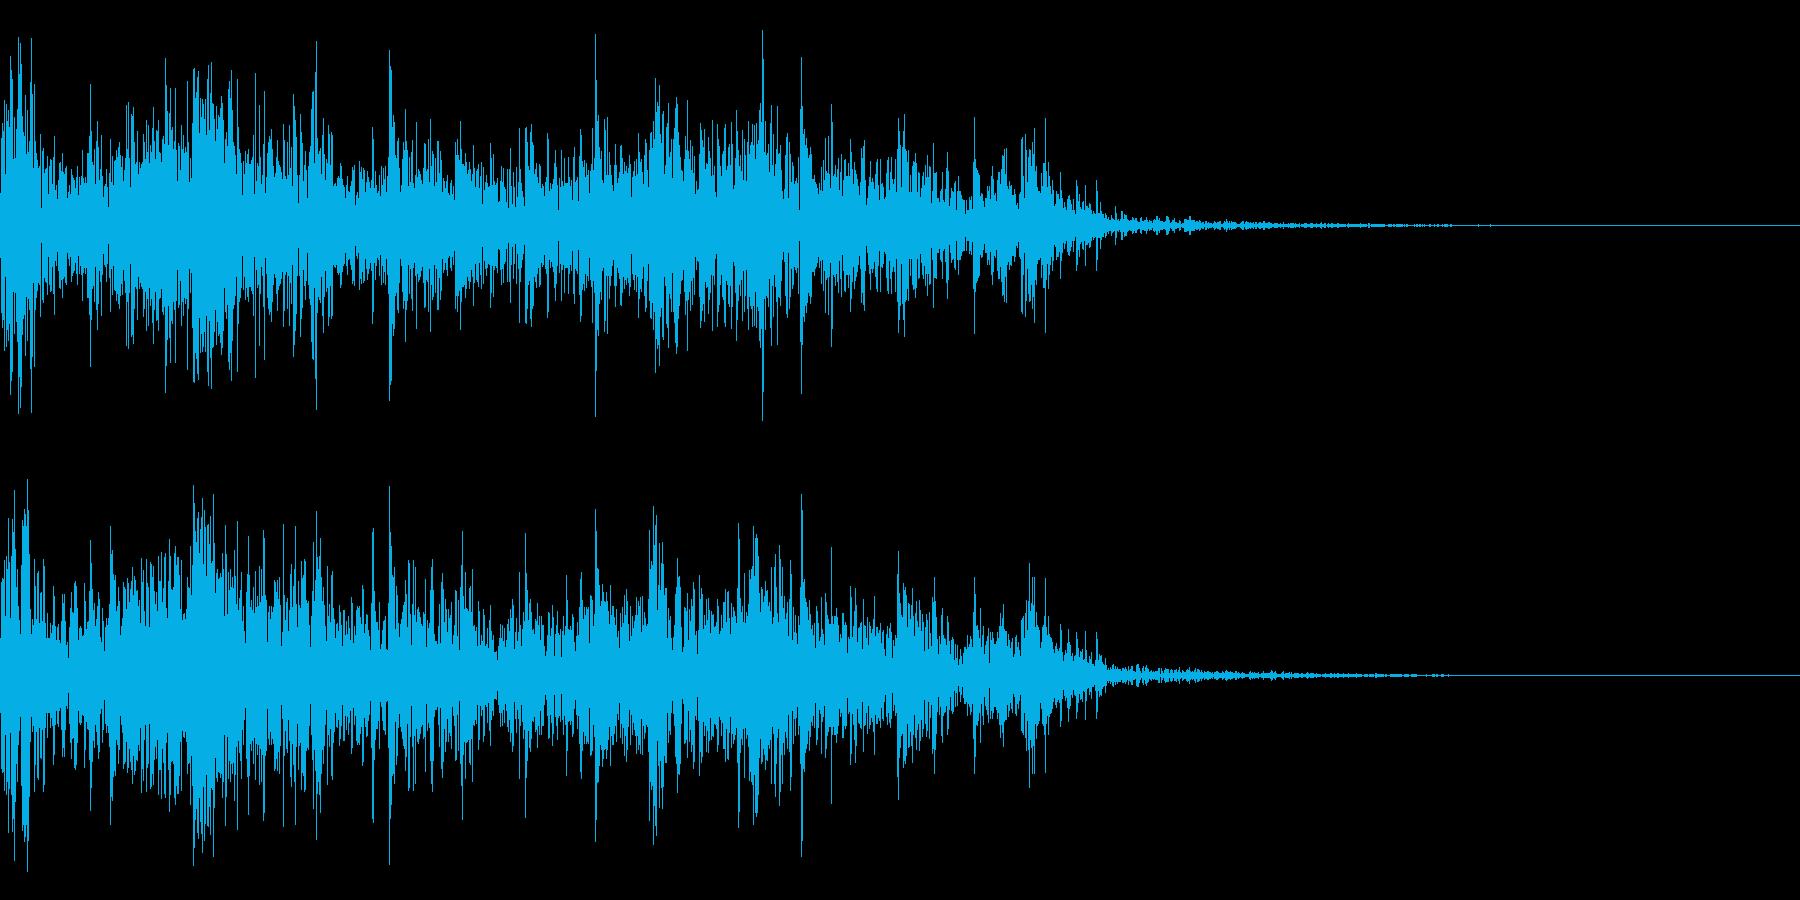 ドンパァ!連続花火のド迫力な効果音!06の再生済みの波形